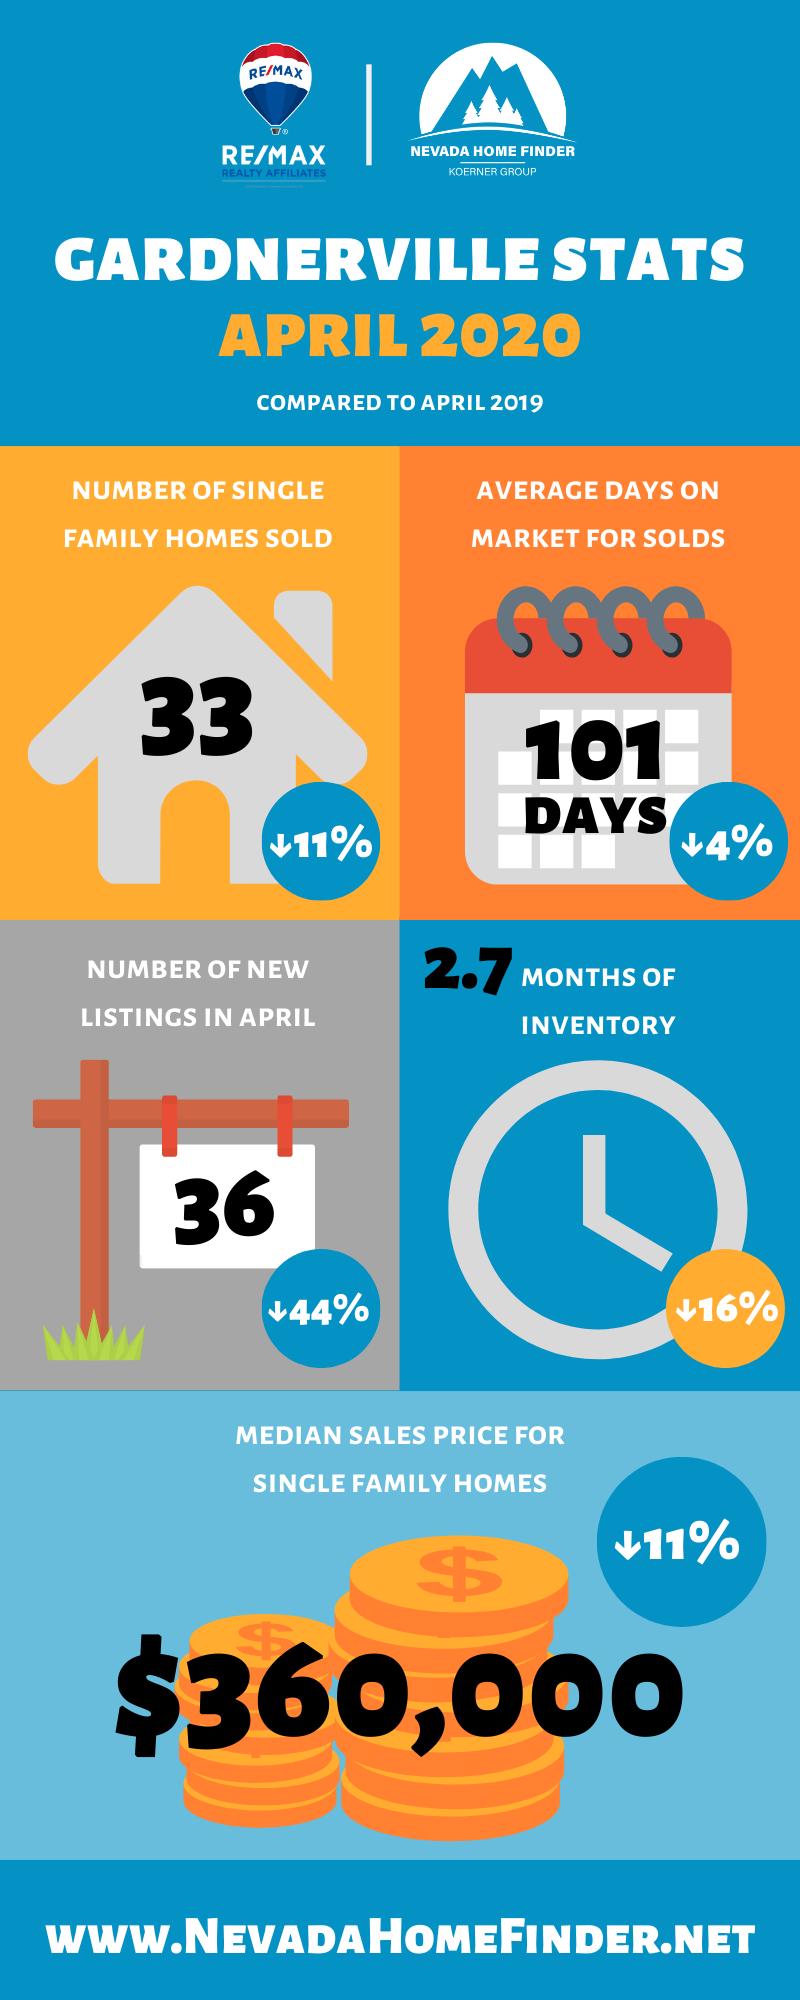 April 2020 statistics for Gardnerville, NV